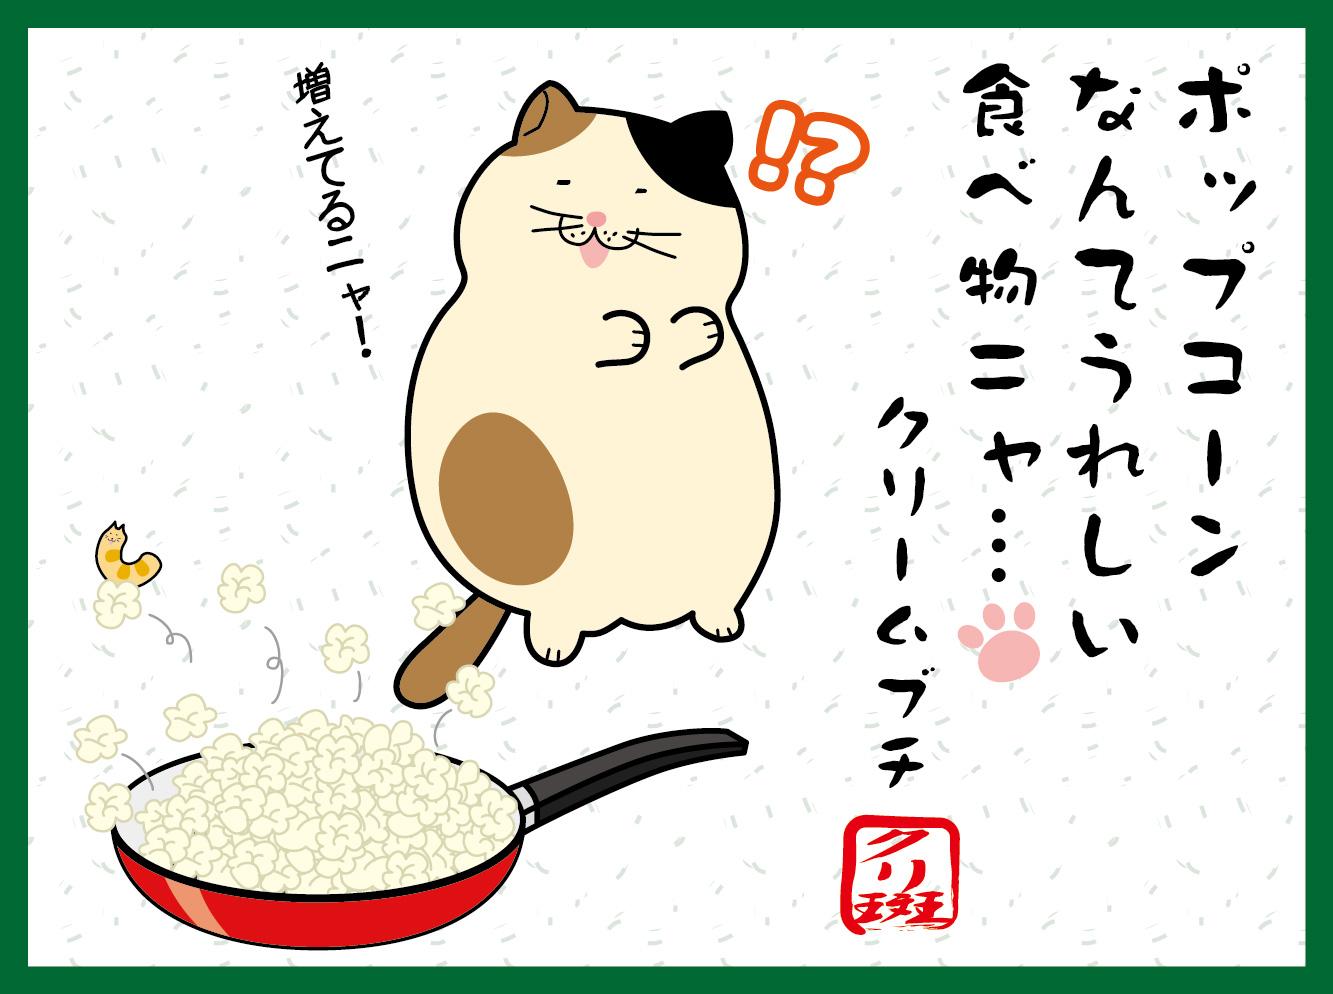 ポップコーン なんてうれしい 食べ物ニャ…